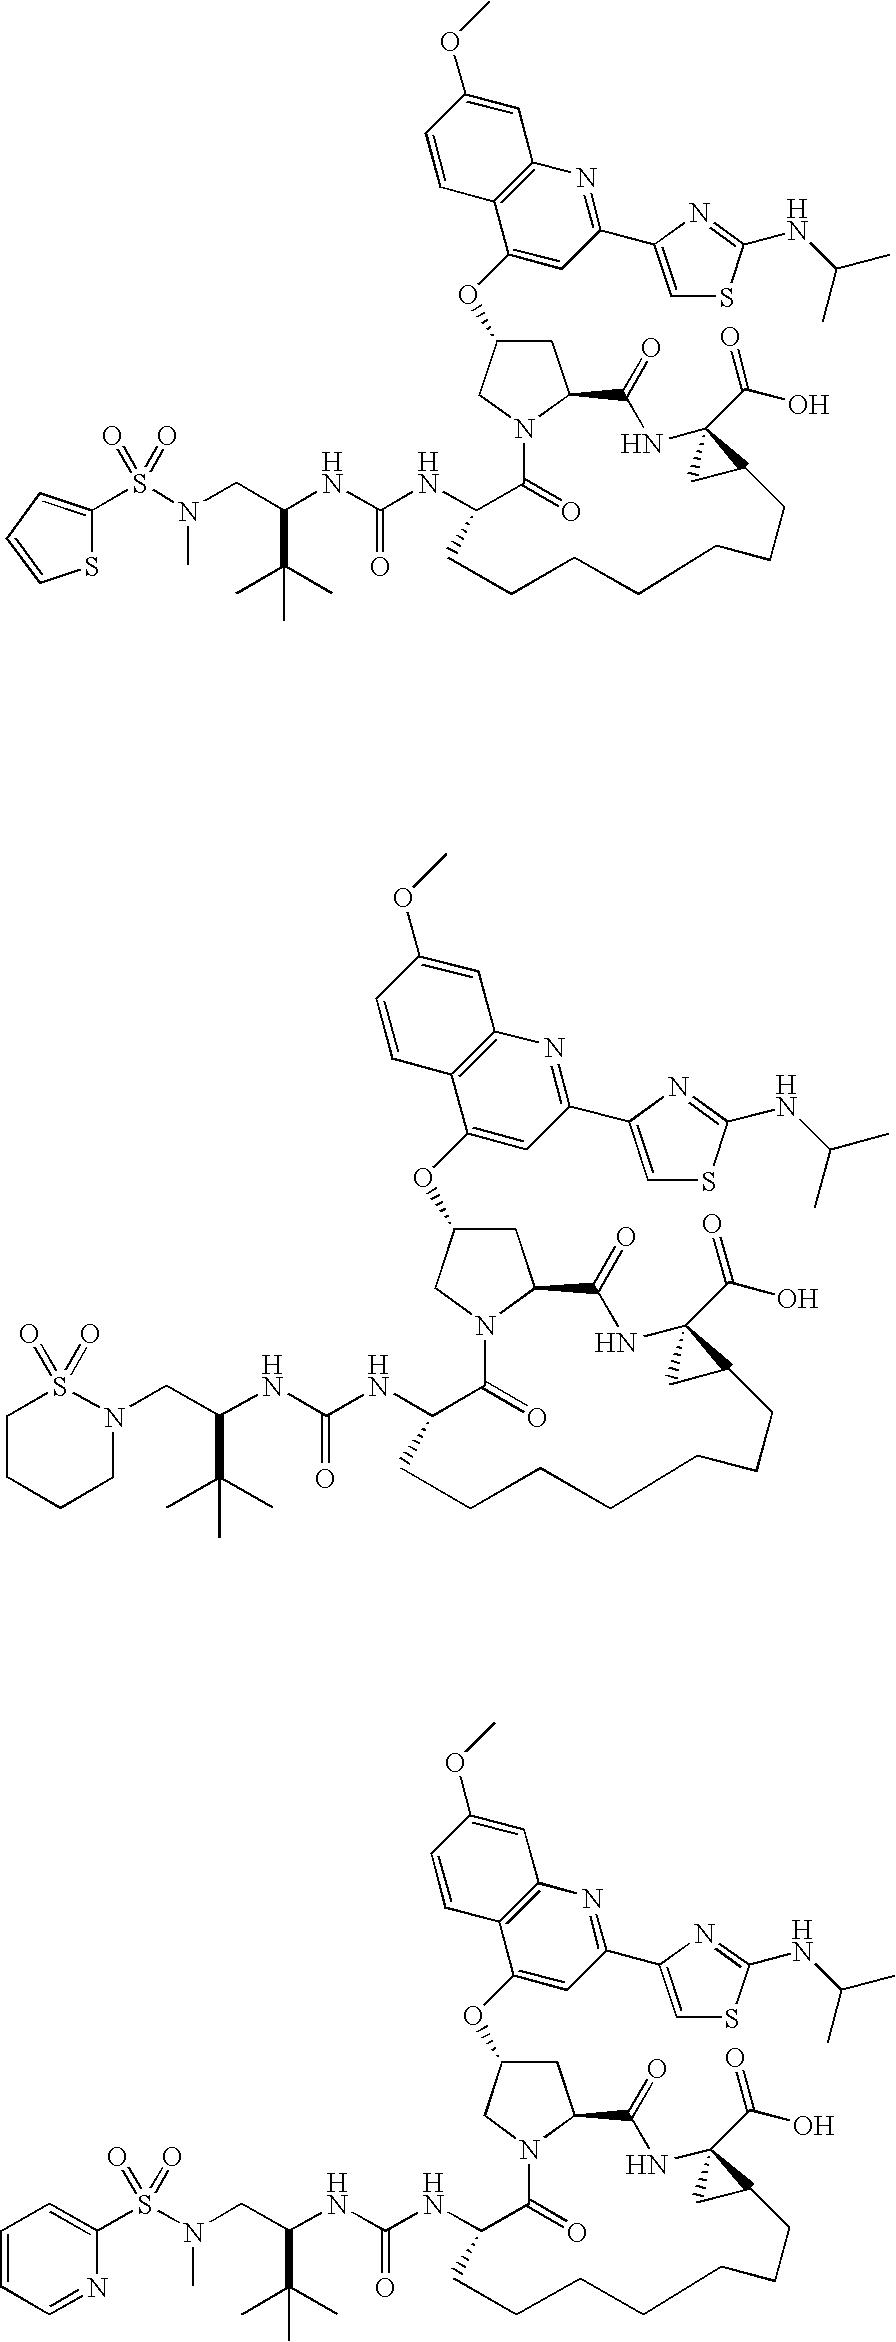 Figure US20060287248A1-20061221-C00203